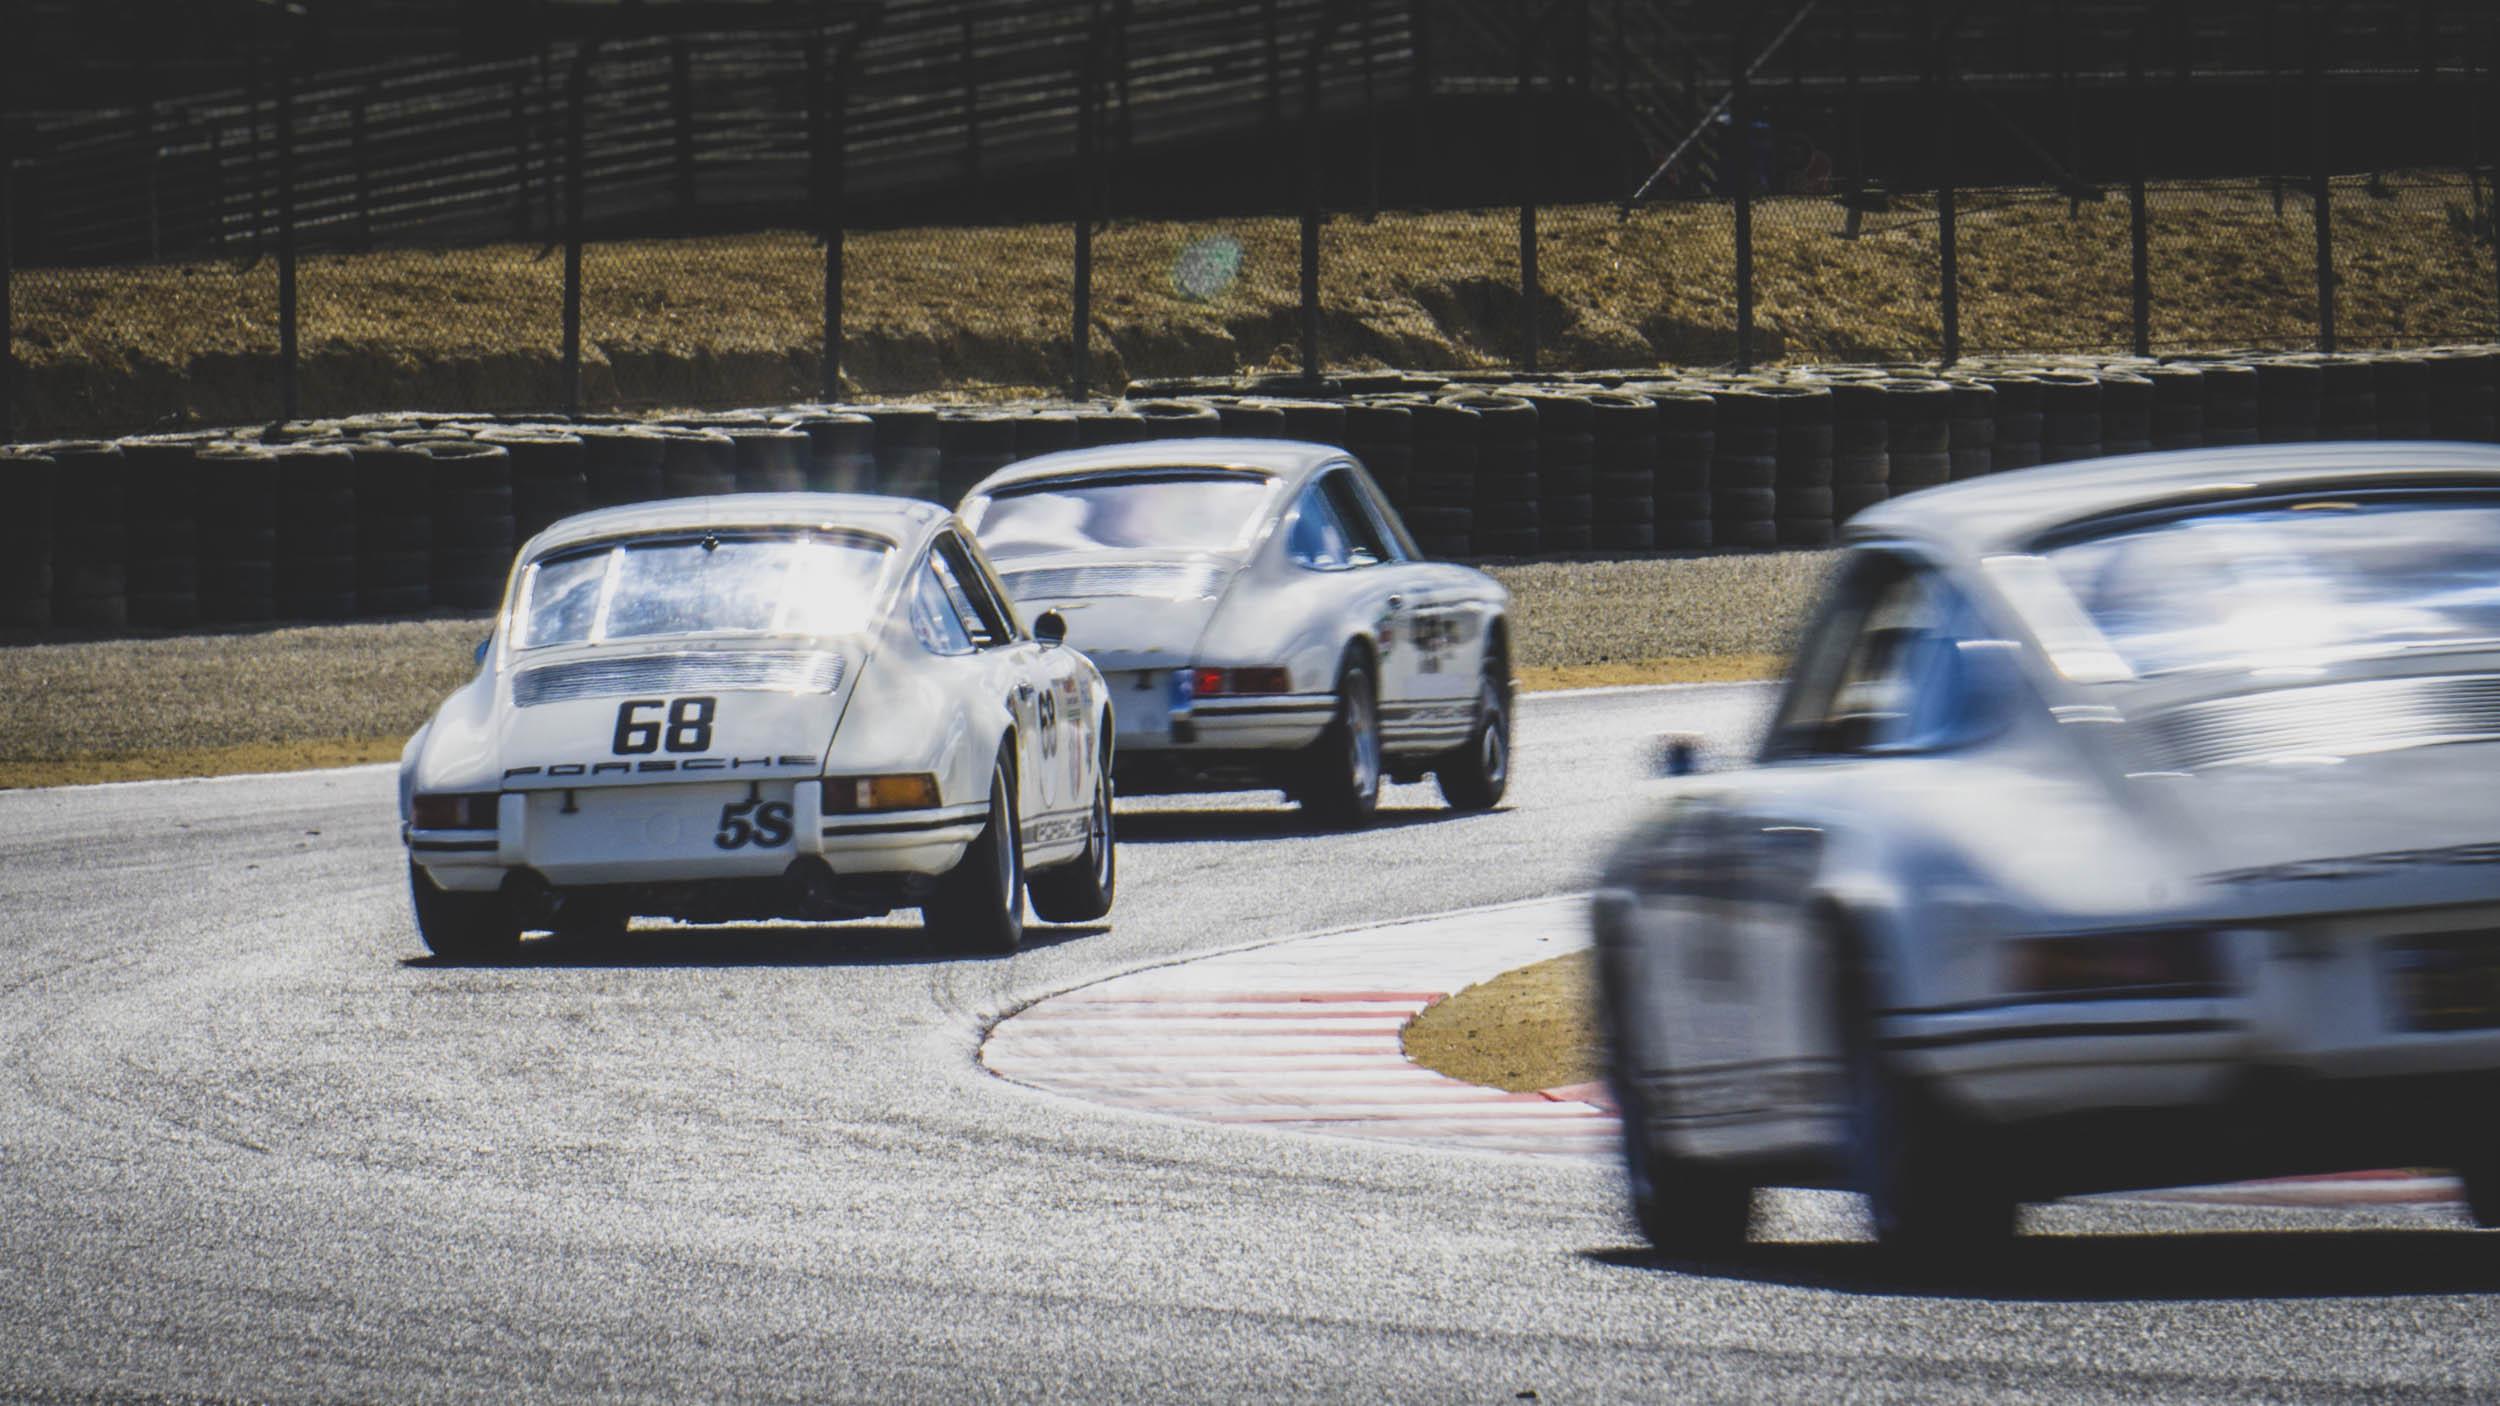 Eifel Trophy Race 911s